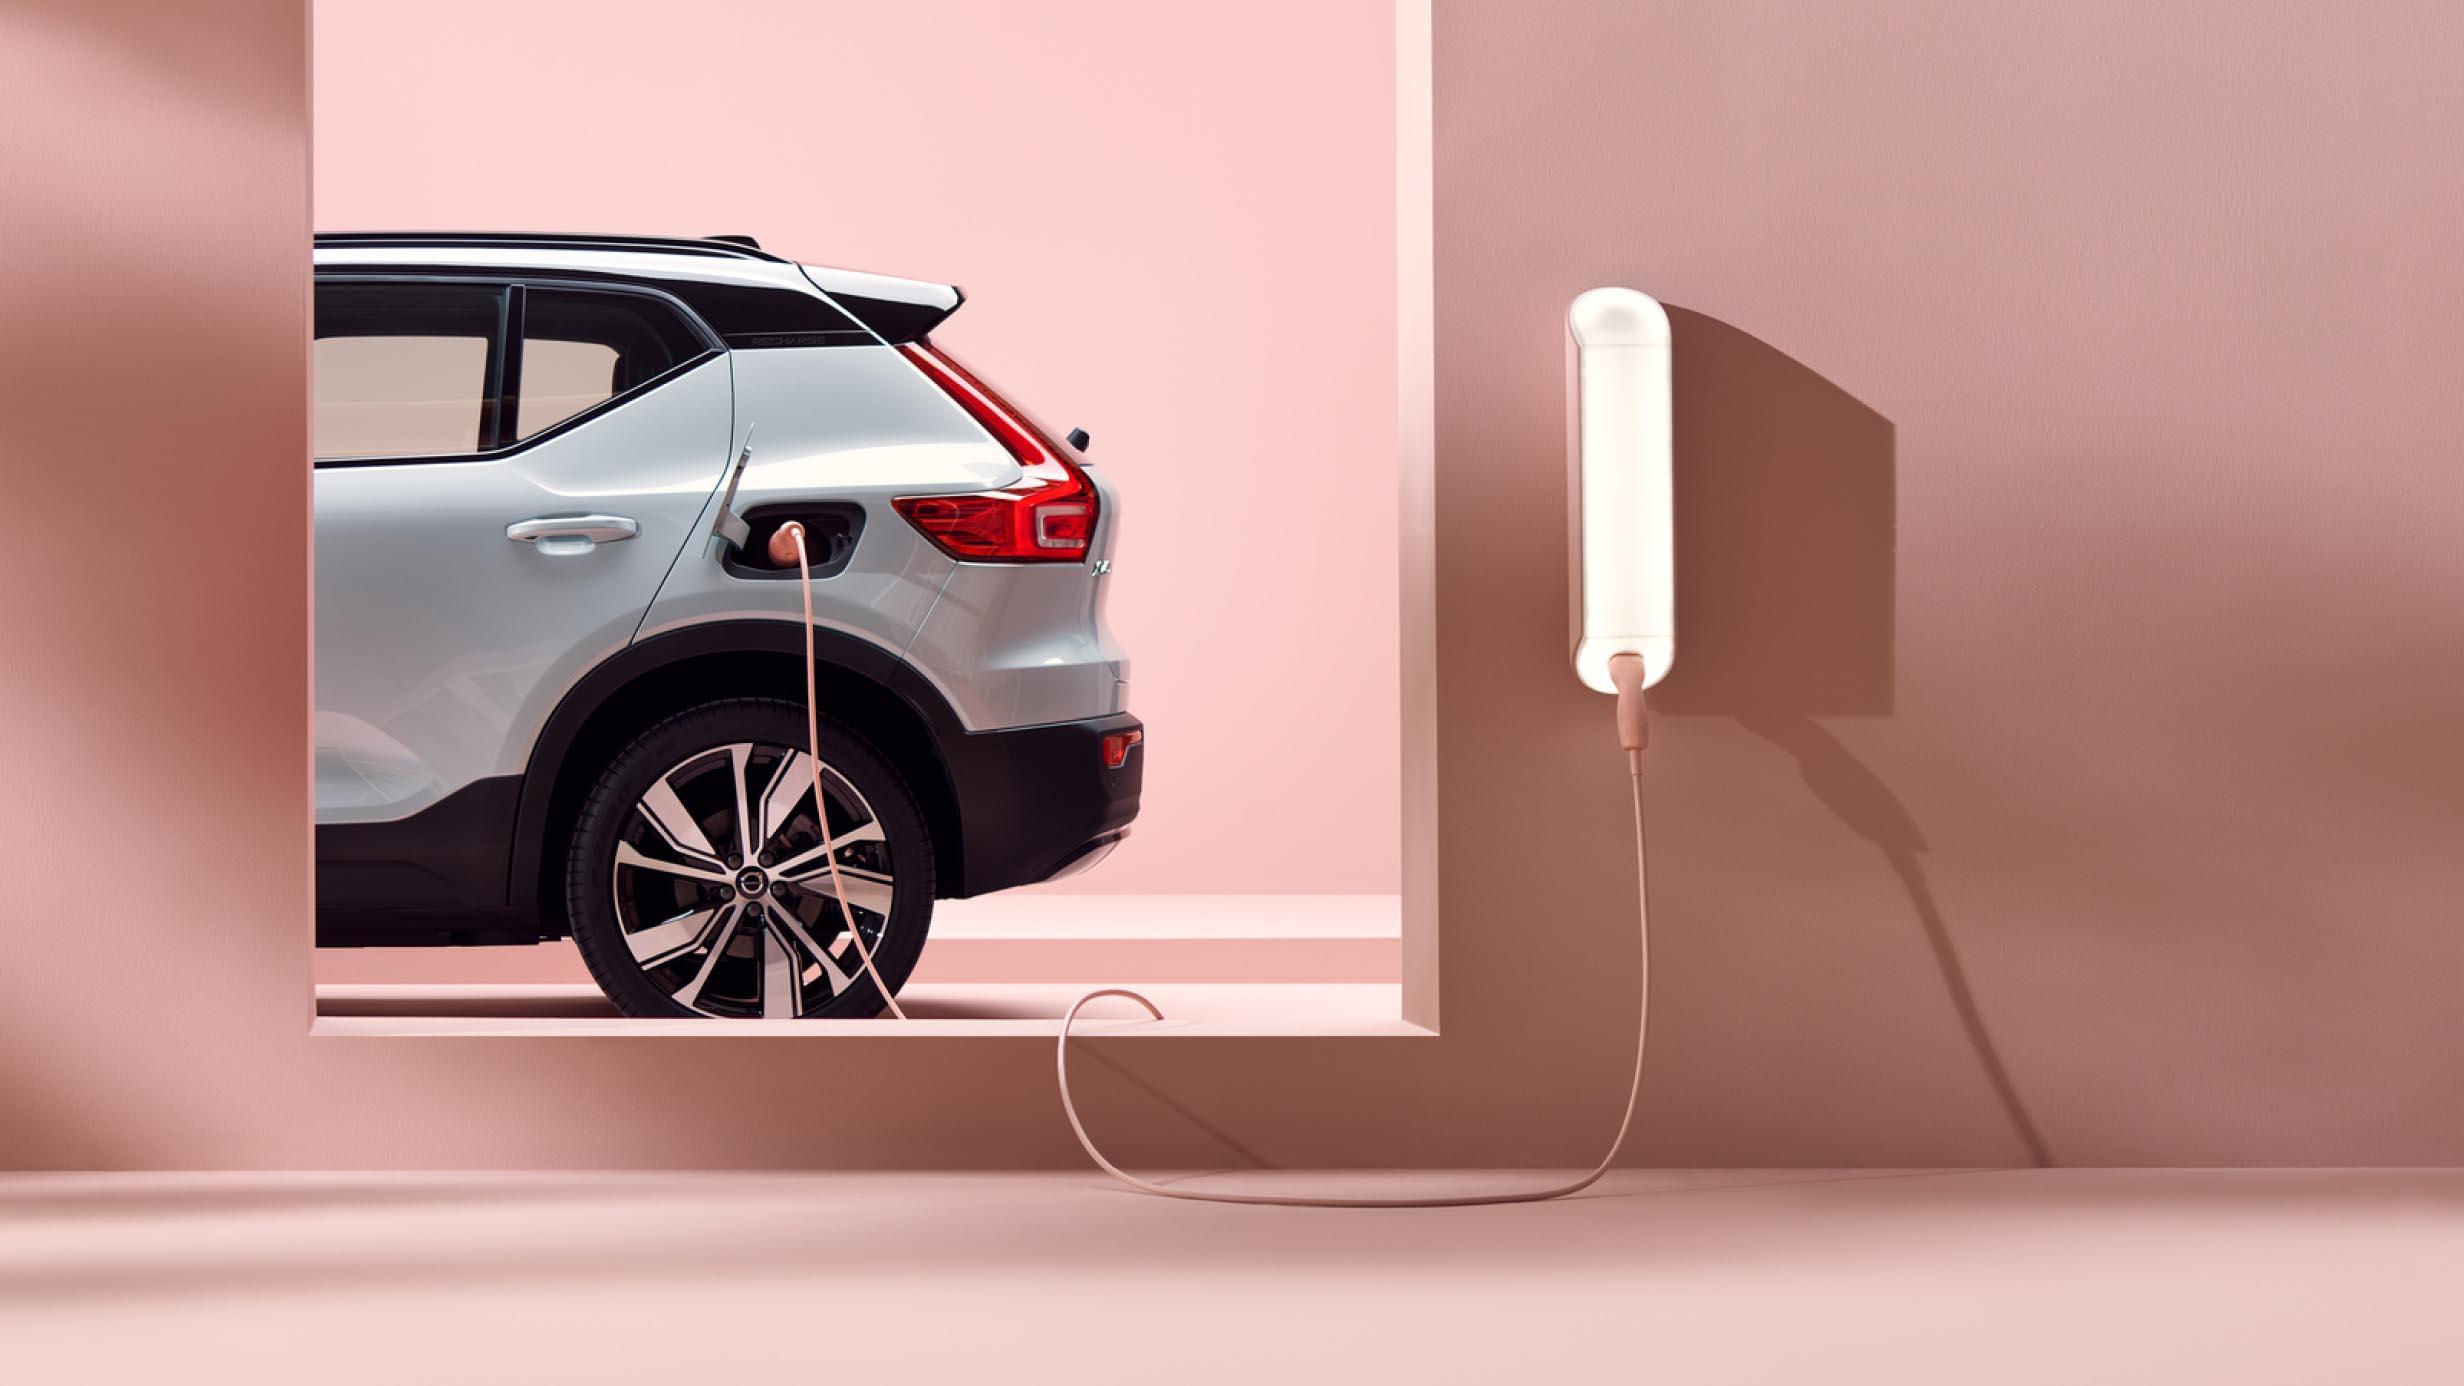 En sølvfarget Volvo XC40 Recharge elektrisk SUV, til opplading i rosa omgivelser.